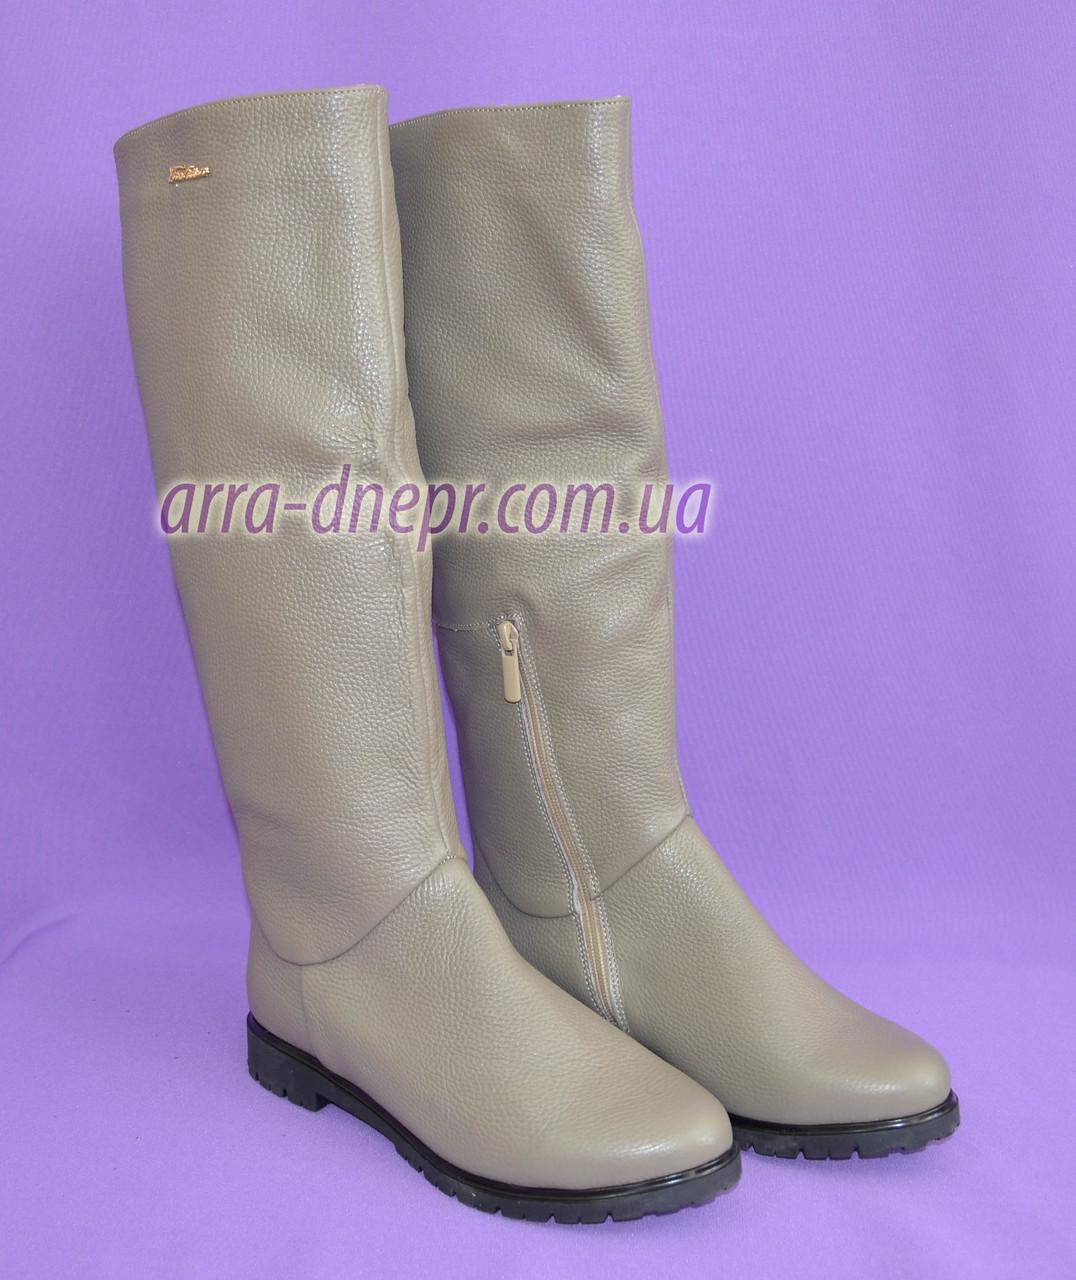 ef27a87b2 Сапоги-трубы женские кожаные демисезонные цвета мокко: продажа, цена ...